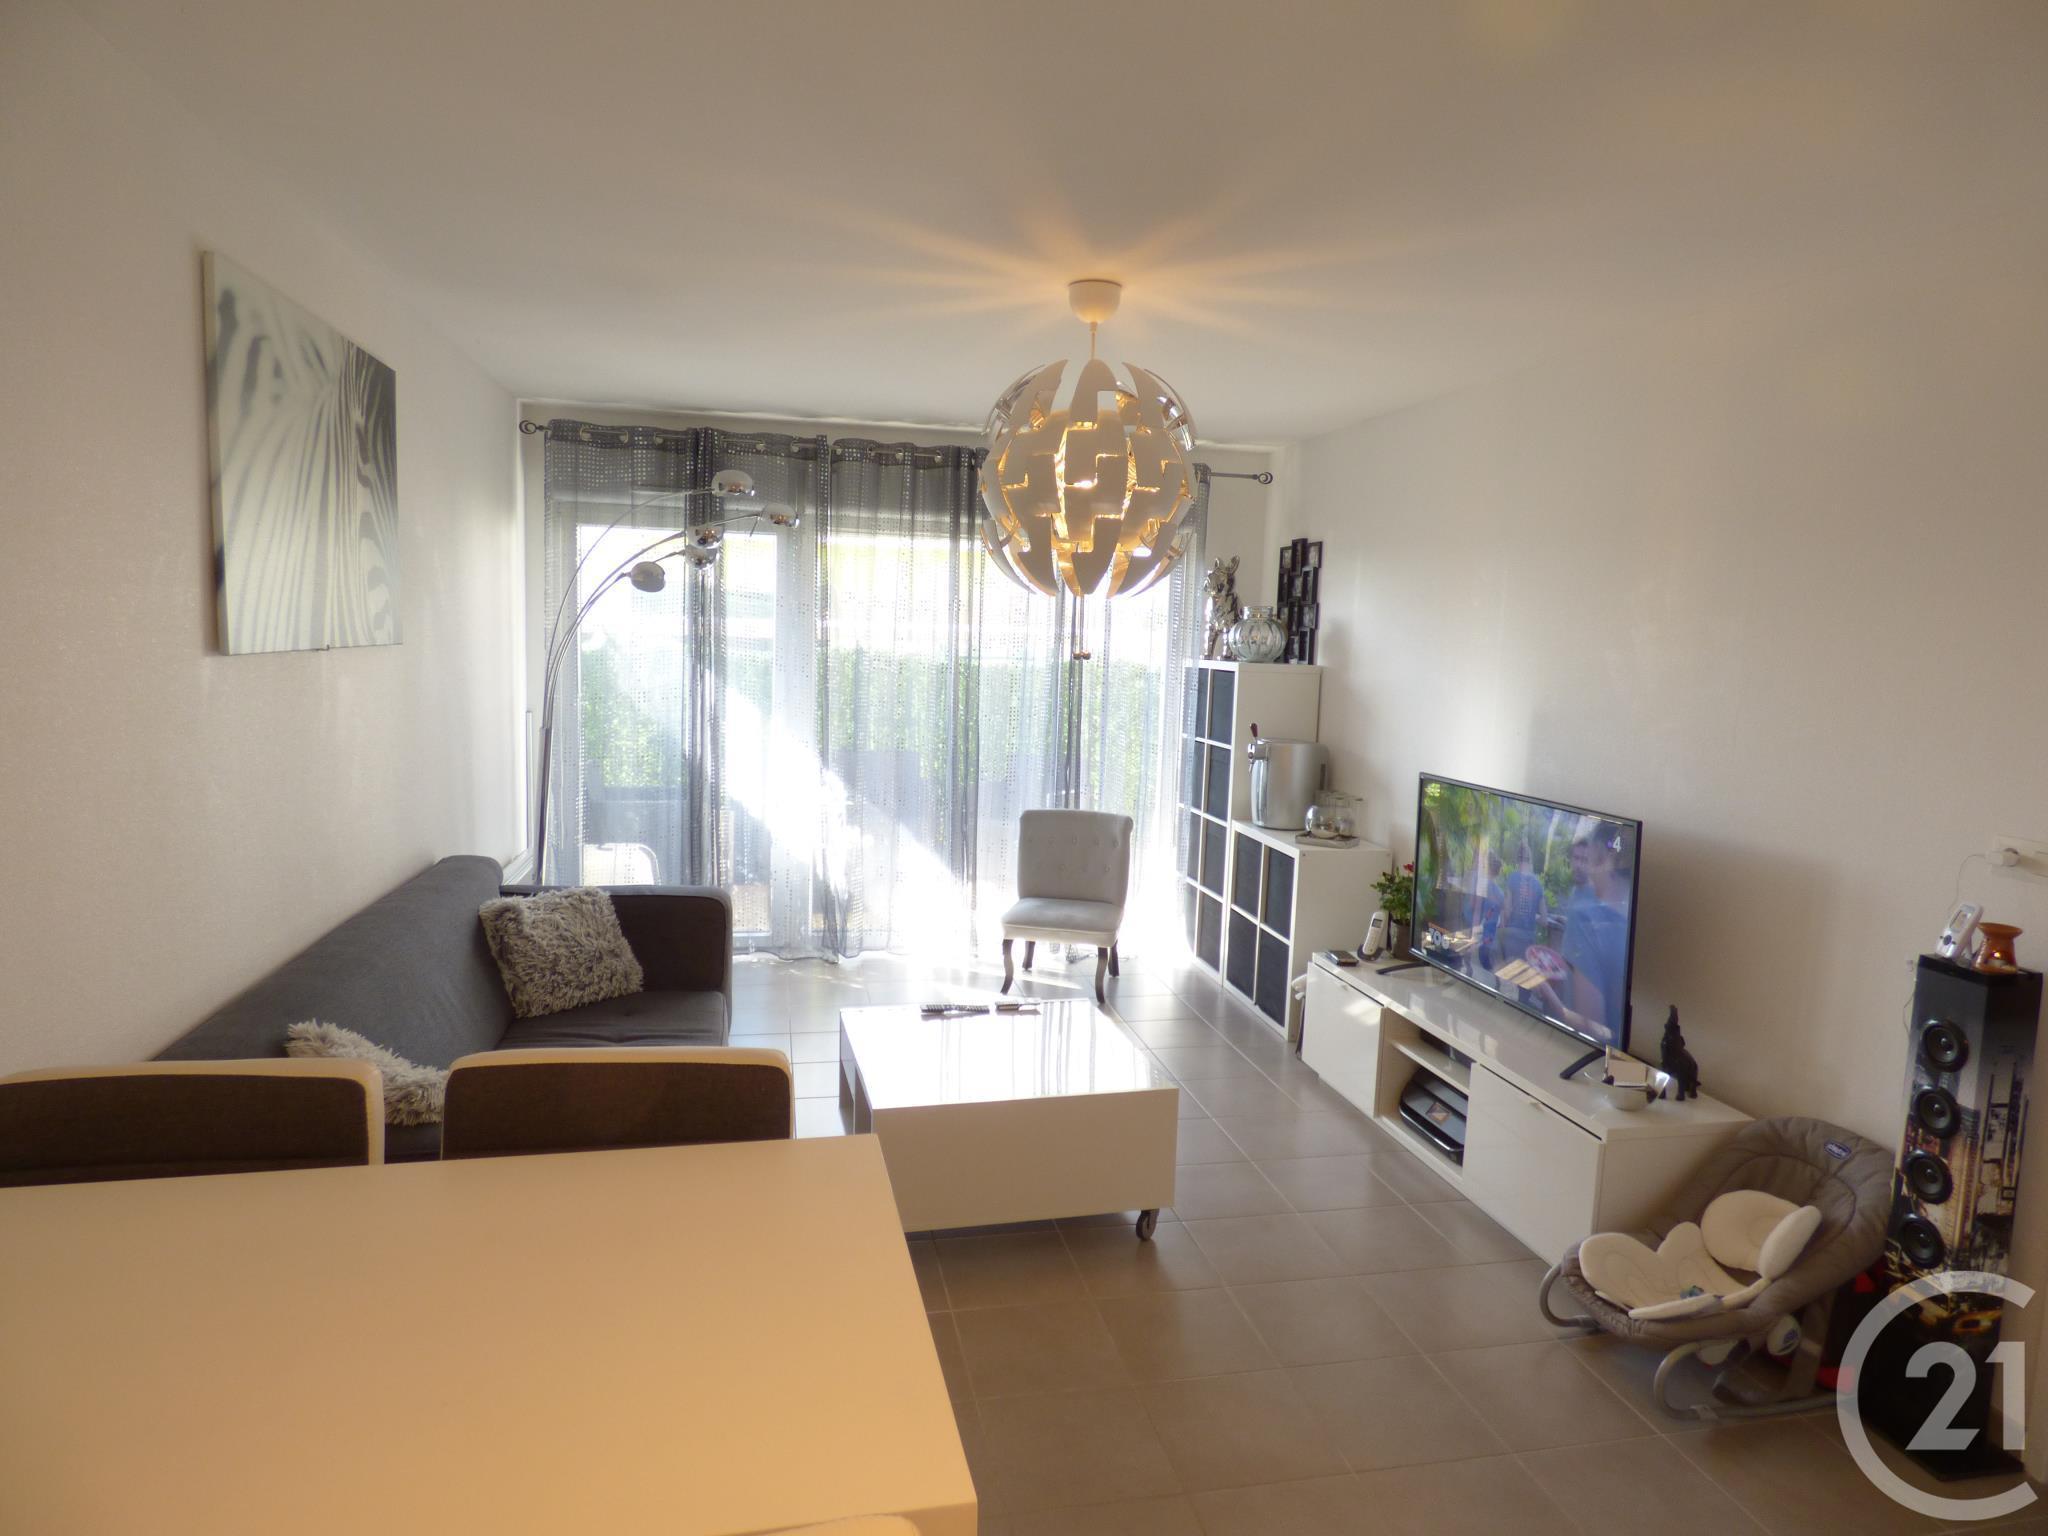 Appartement 2pièces 42m² à Joué-lès-Tours